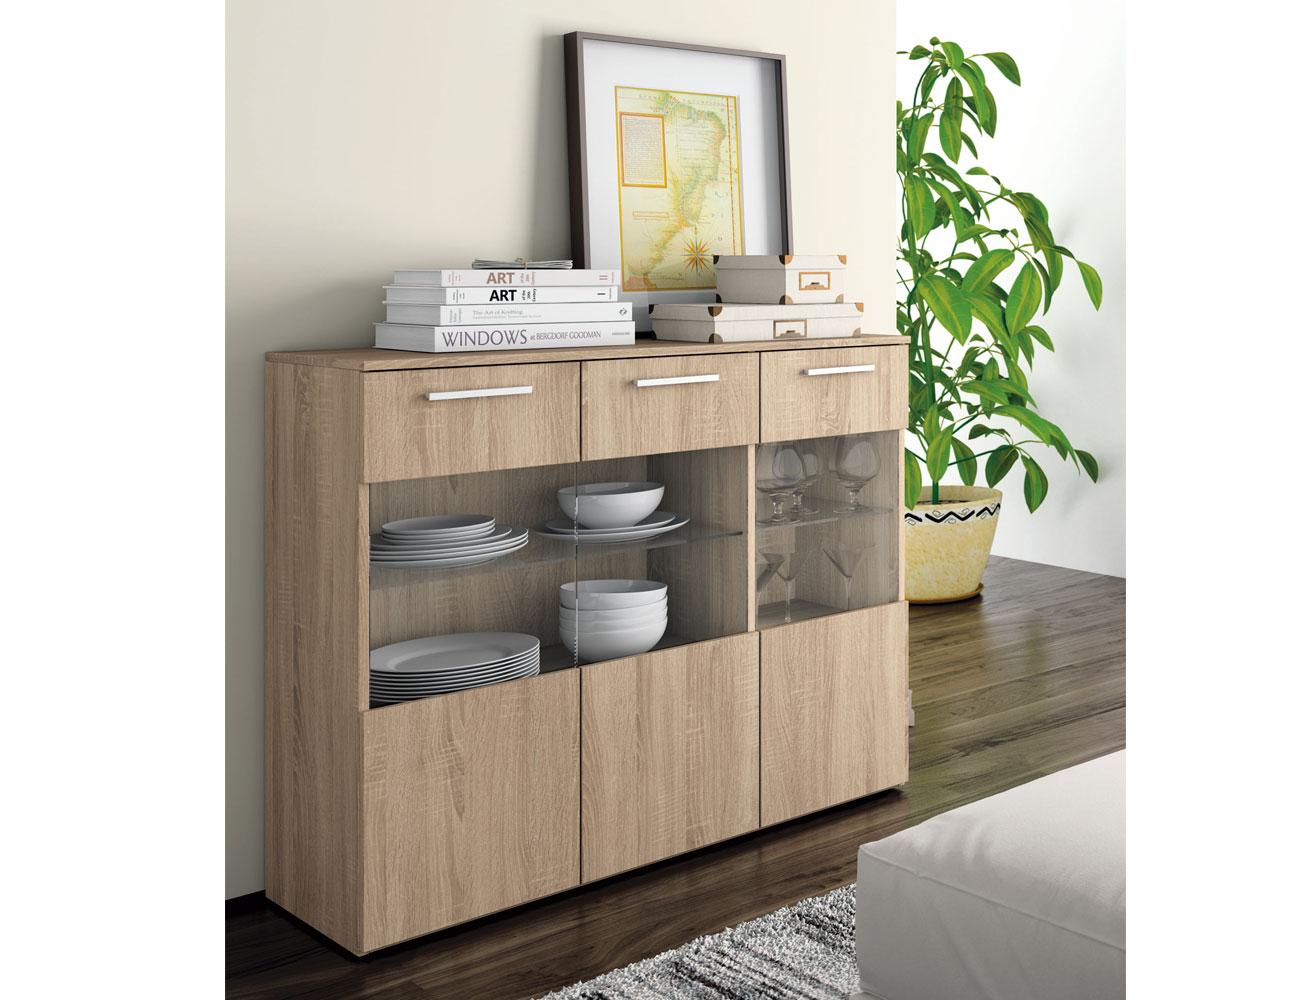 Mueble salon moderno aparador cambrian 4181